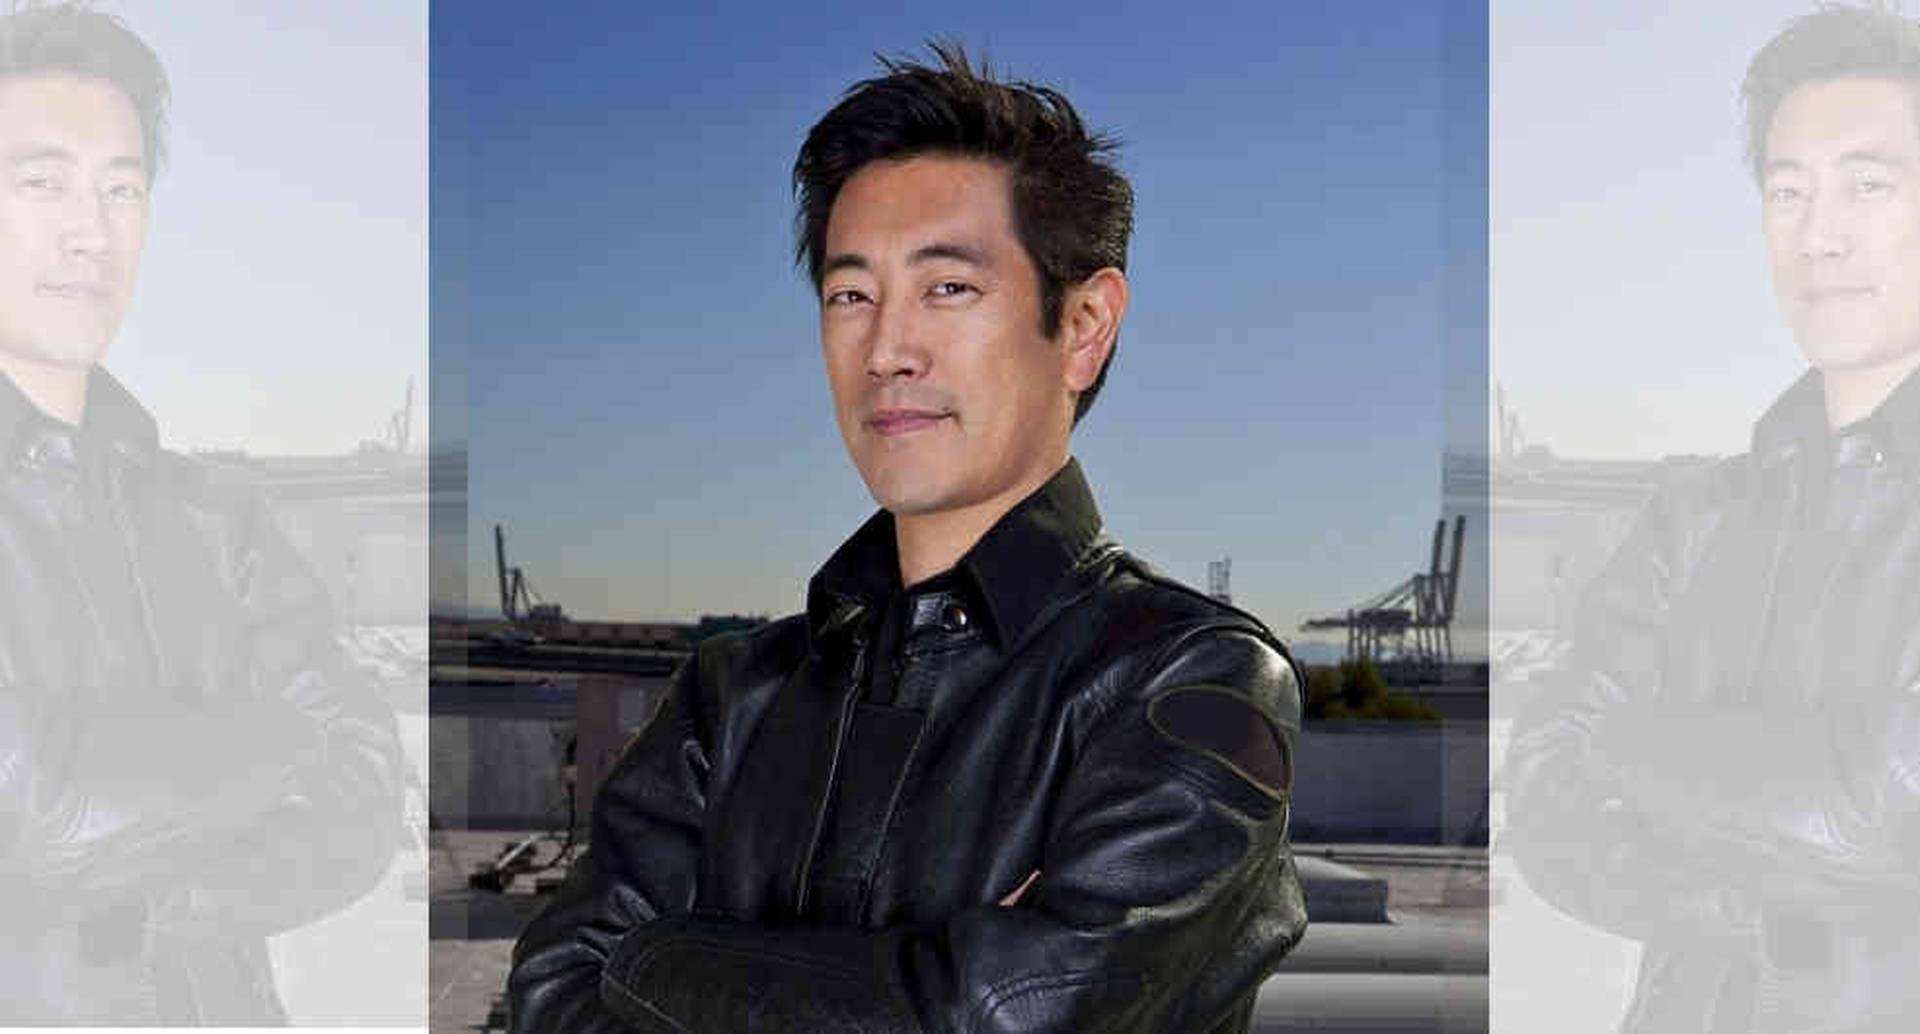 Además de sus exitosos trabajos como presentador, Imahara también era ingeniero electrónico y robótico.